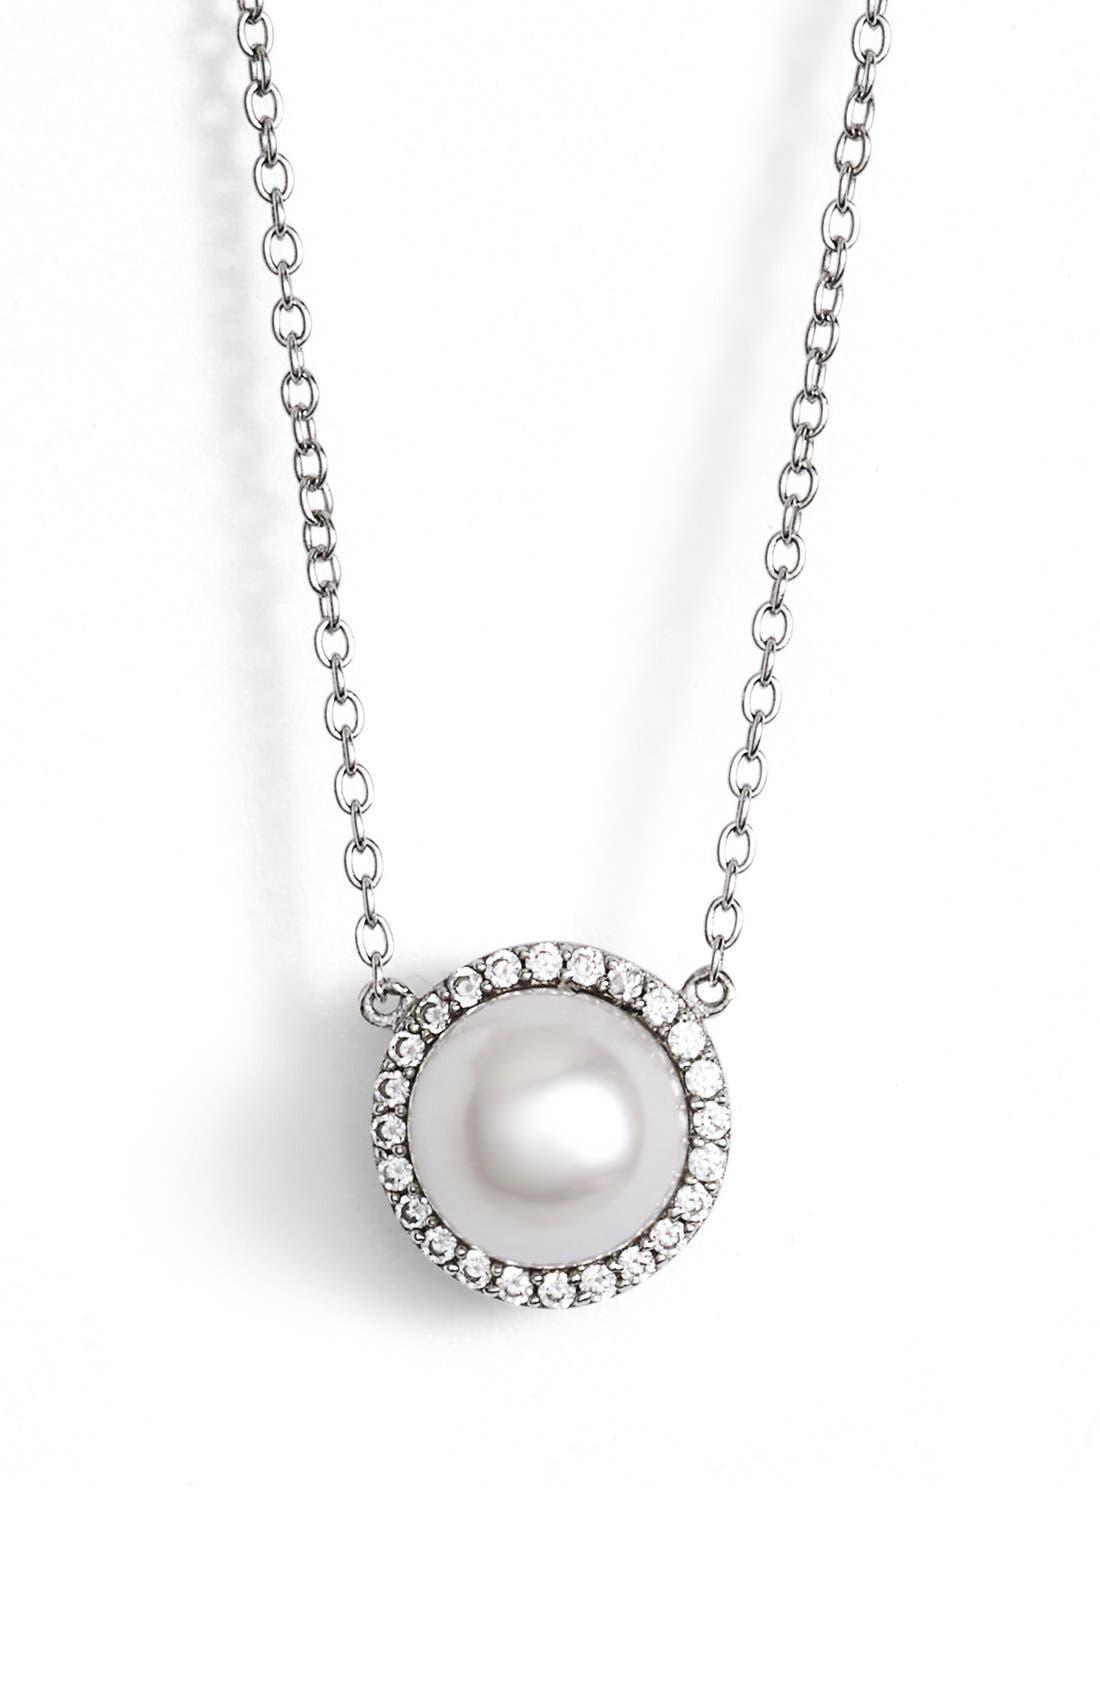 Lafonn'Lassaire' Pearl Pendant Necklace